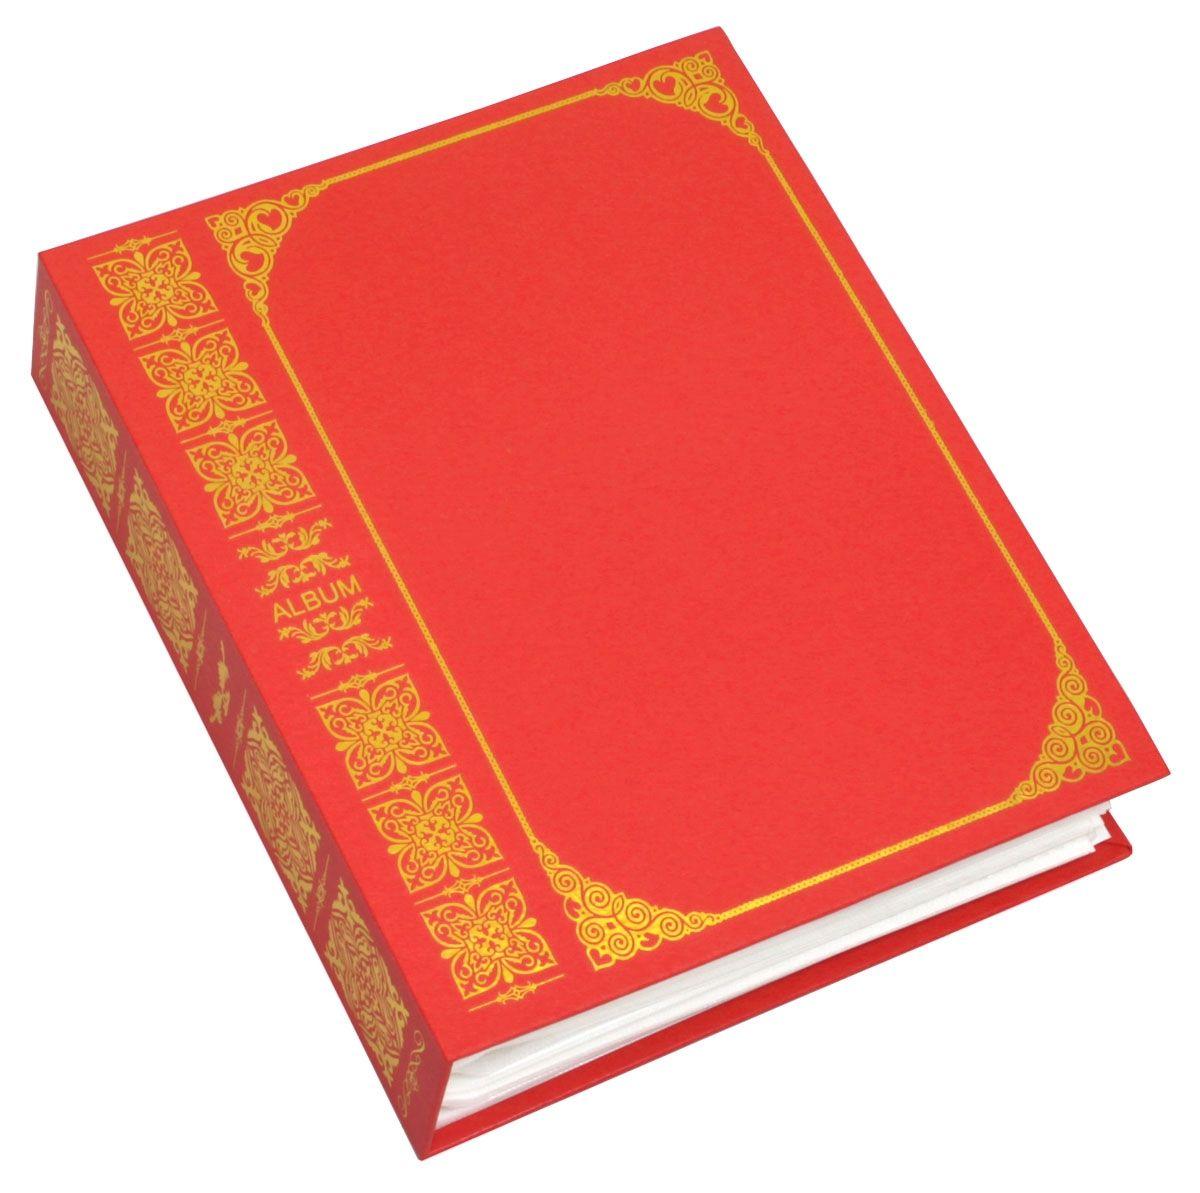 Фотоальбом Pioneer Royal Vinyl, 100 фотографий, цвет: красный, 15 х 21 см46445 AV68100Альбом для фотографий формата 15х21 см.Тип листов: полипропиленовые.Тип переплета: высокочастотная сварка.Кол-во фотографий: 100.Материалы, использованные в изготовлении альбома, обеспечивают высокое качество хранения Ваших фотографий, поэтому фотографии не желтеют со временем.